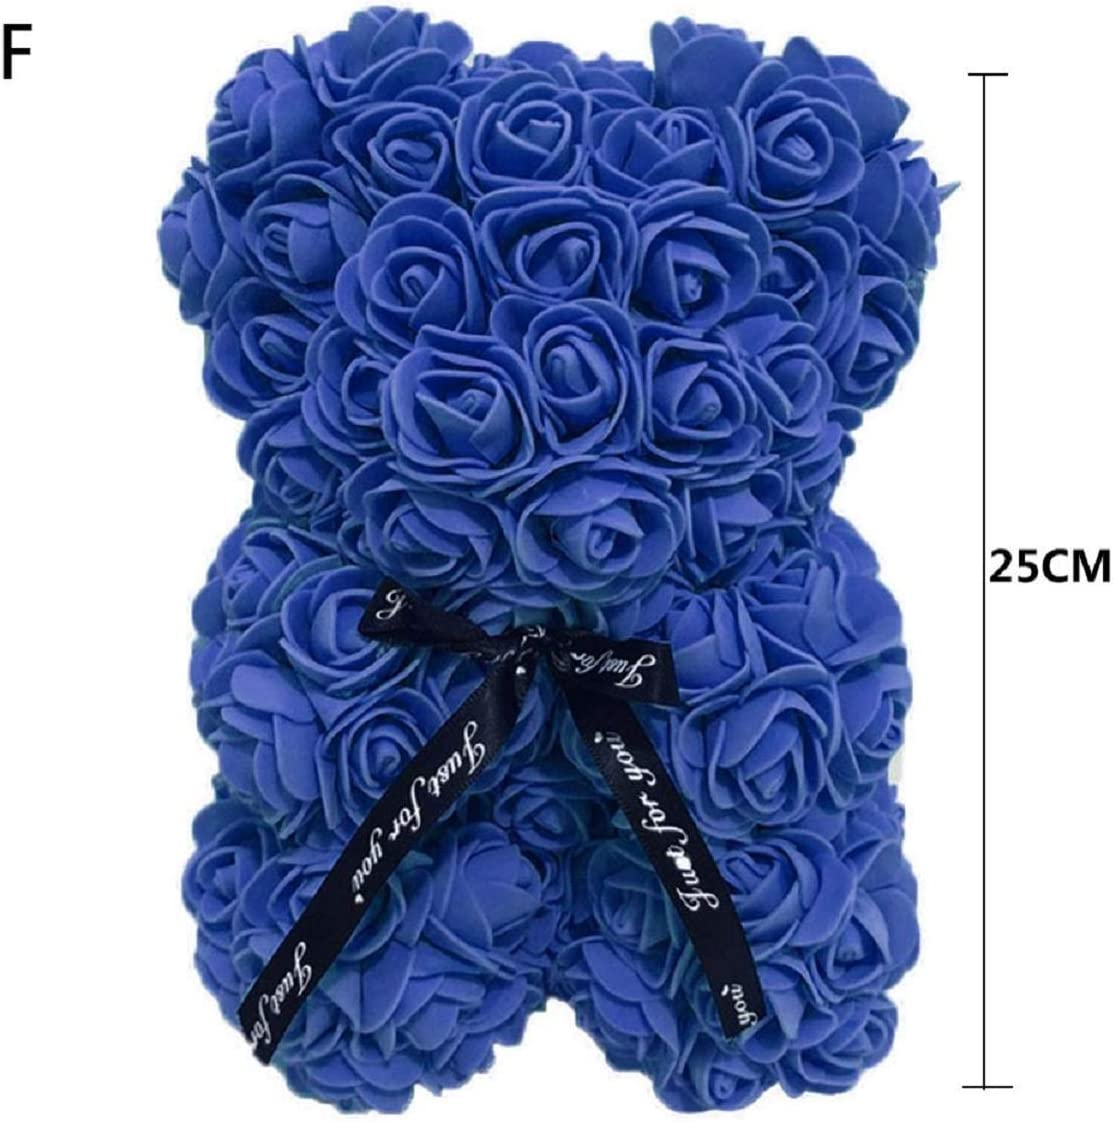 Ours en Forme dours de Rose Fait /à la Main avec des Fleurs artificielles Cadeau sp/écial Cadeau danniversaire